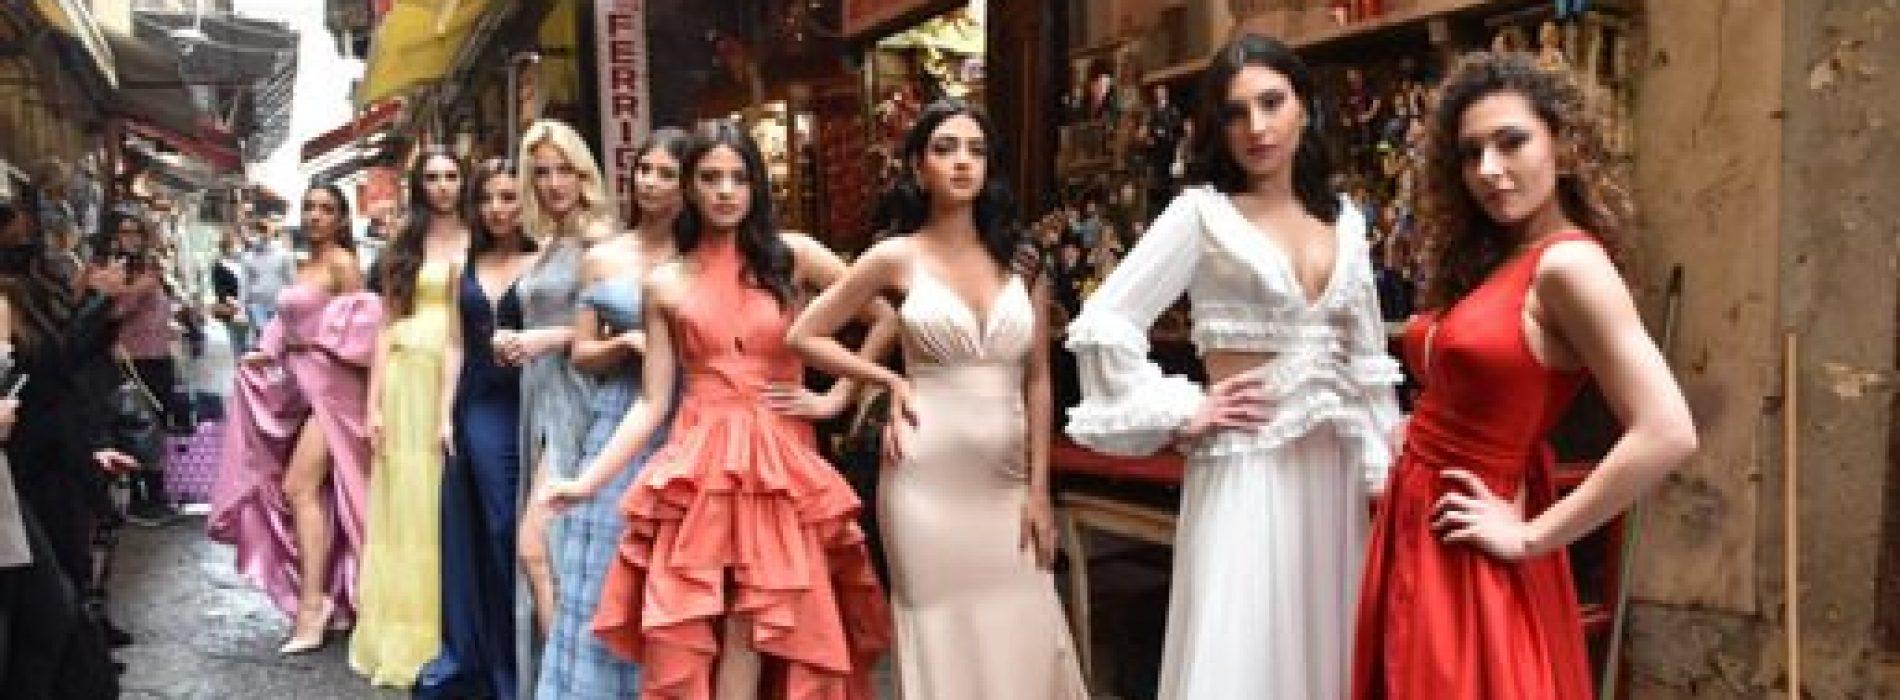 Partenope e la sua Fashion Week, le quattro giornate di Napoli